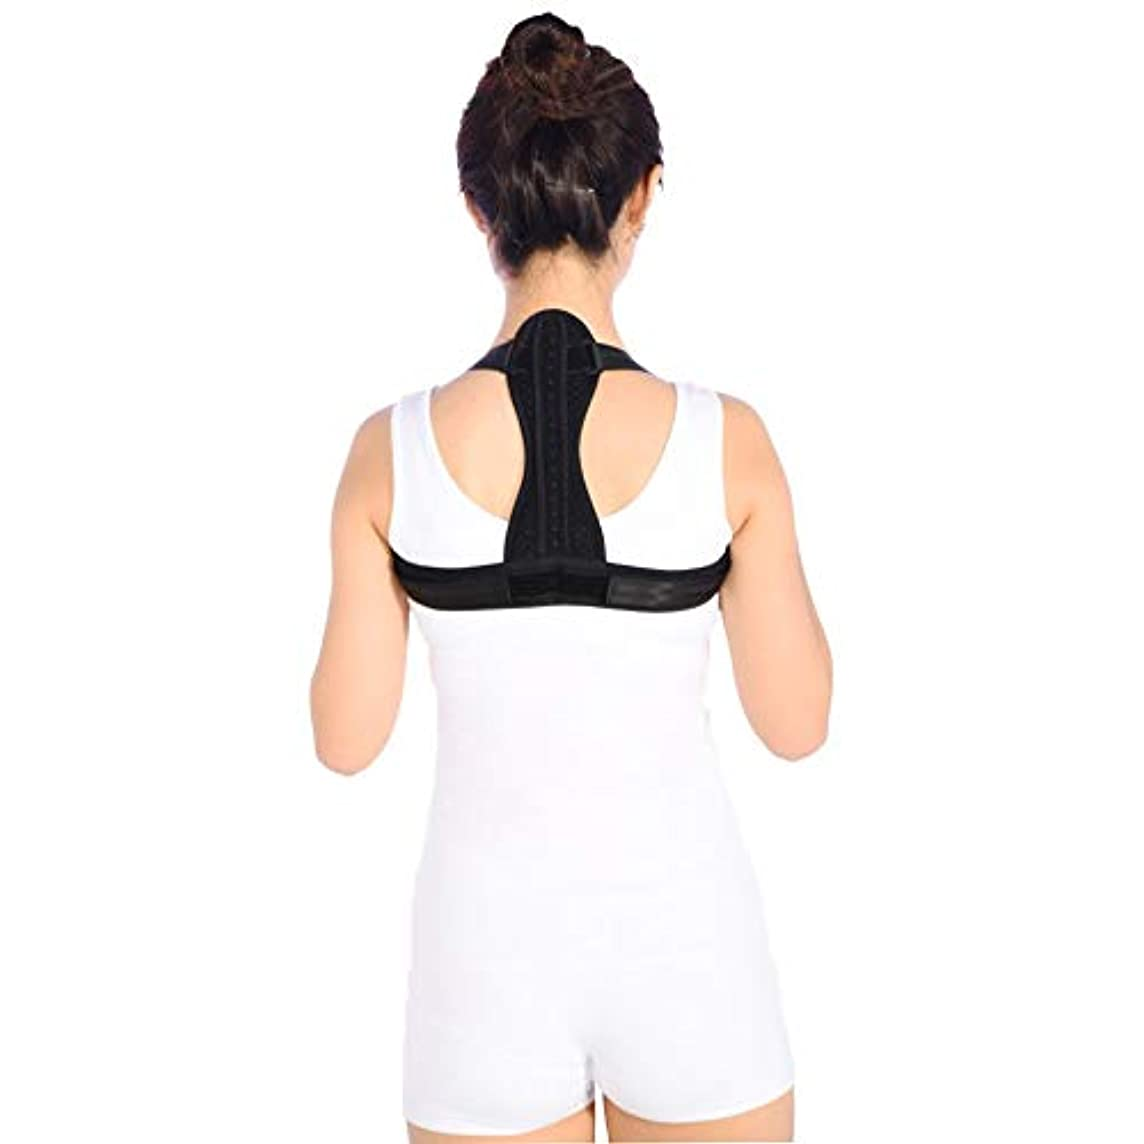 種類公然とアーティキュレーション通気性の脊柱側弯症ザトウクジラ補正ベルト調節可能な快適さ目に見えないベルト男性女性大人学生子供 - 黒